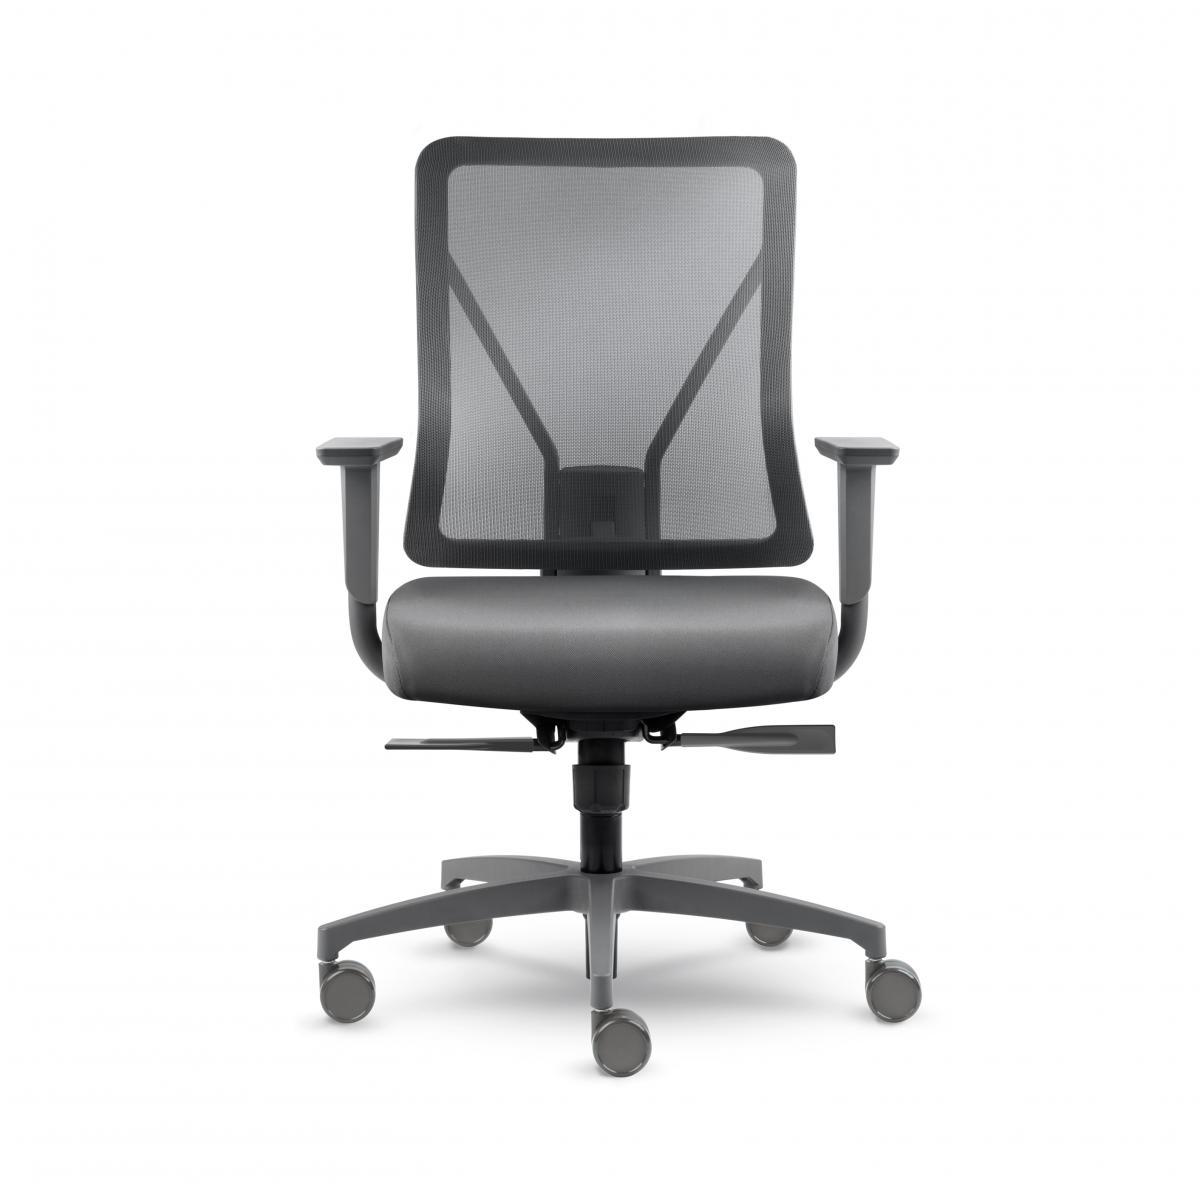 Allseating Levo Task Chair Nashville Office Furniture